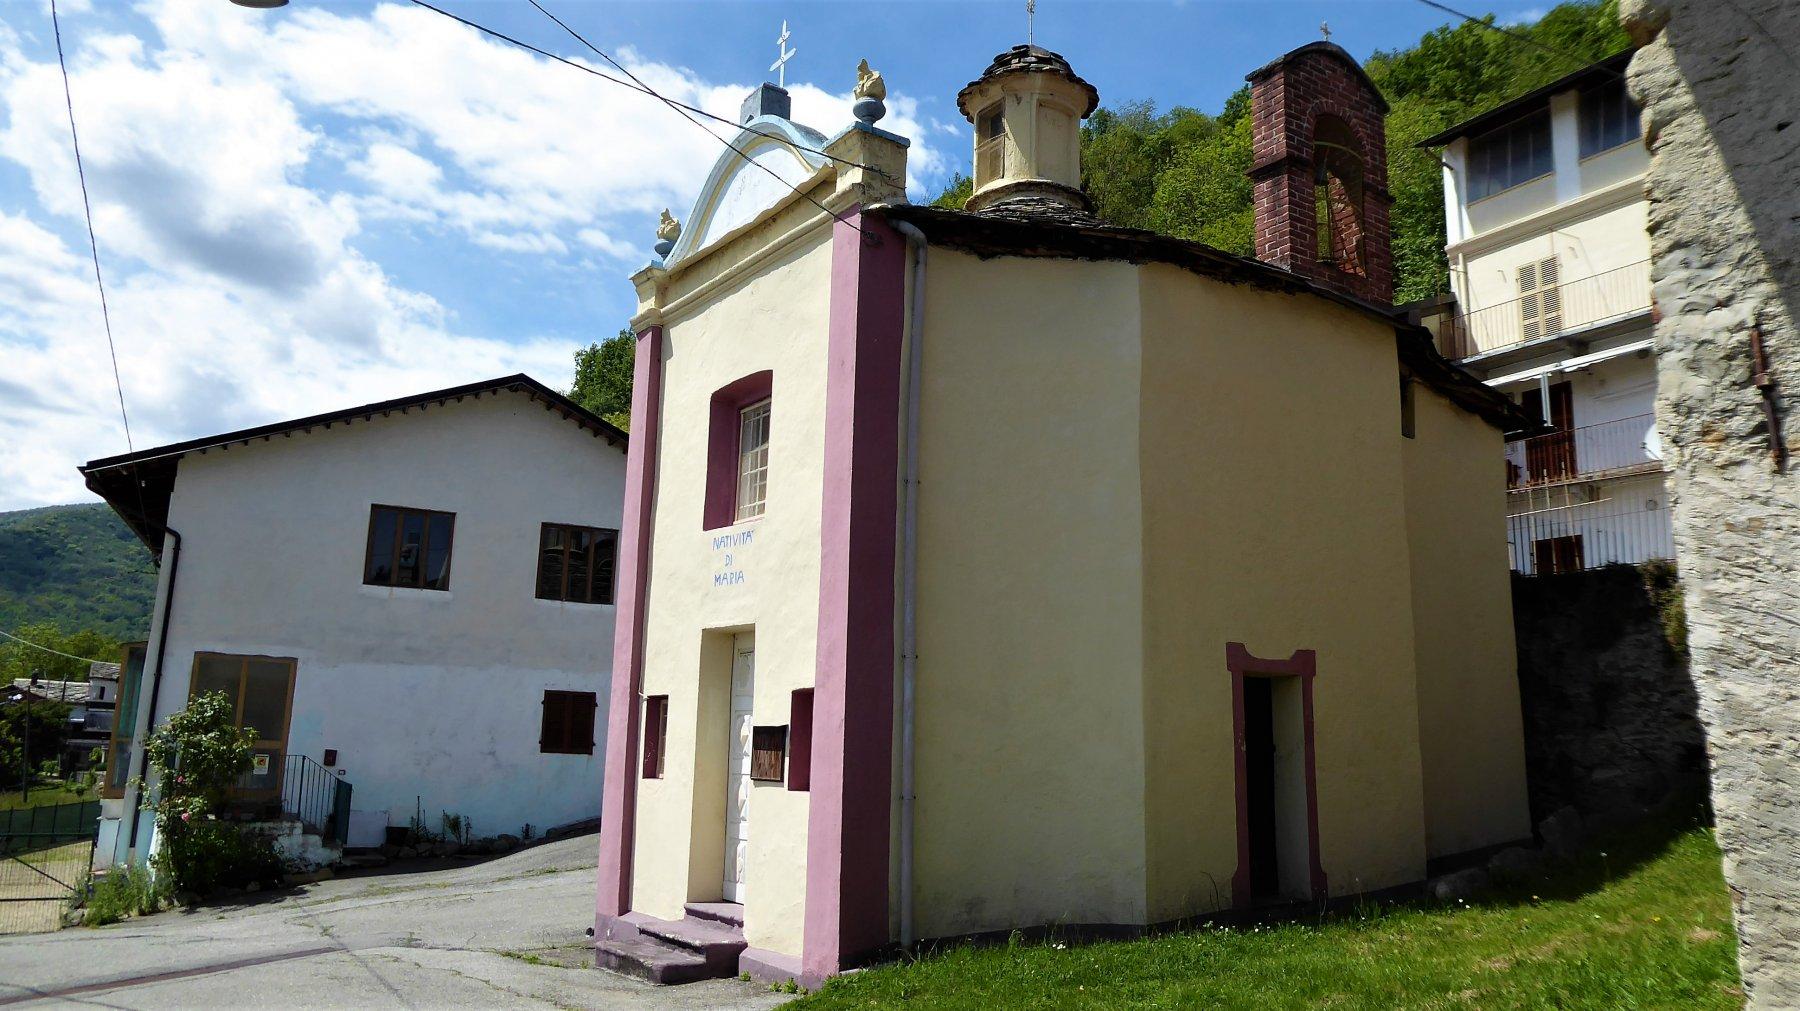 Belice (Cappella di) da Cuorgnè per la vecchia mulattiera di Chiesanuova 2019-05-05